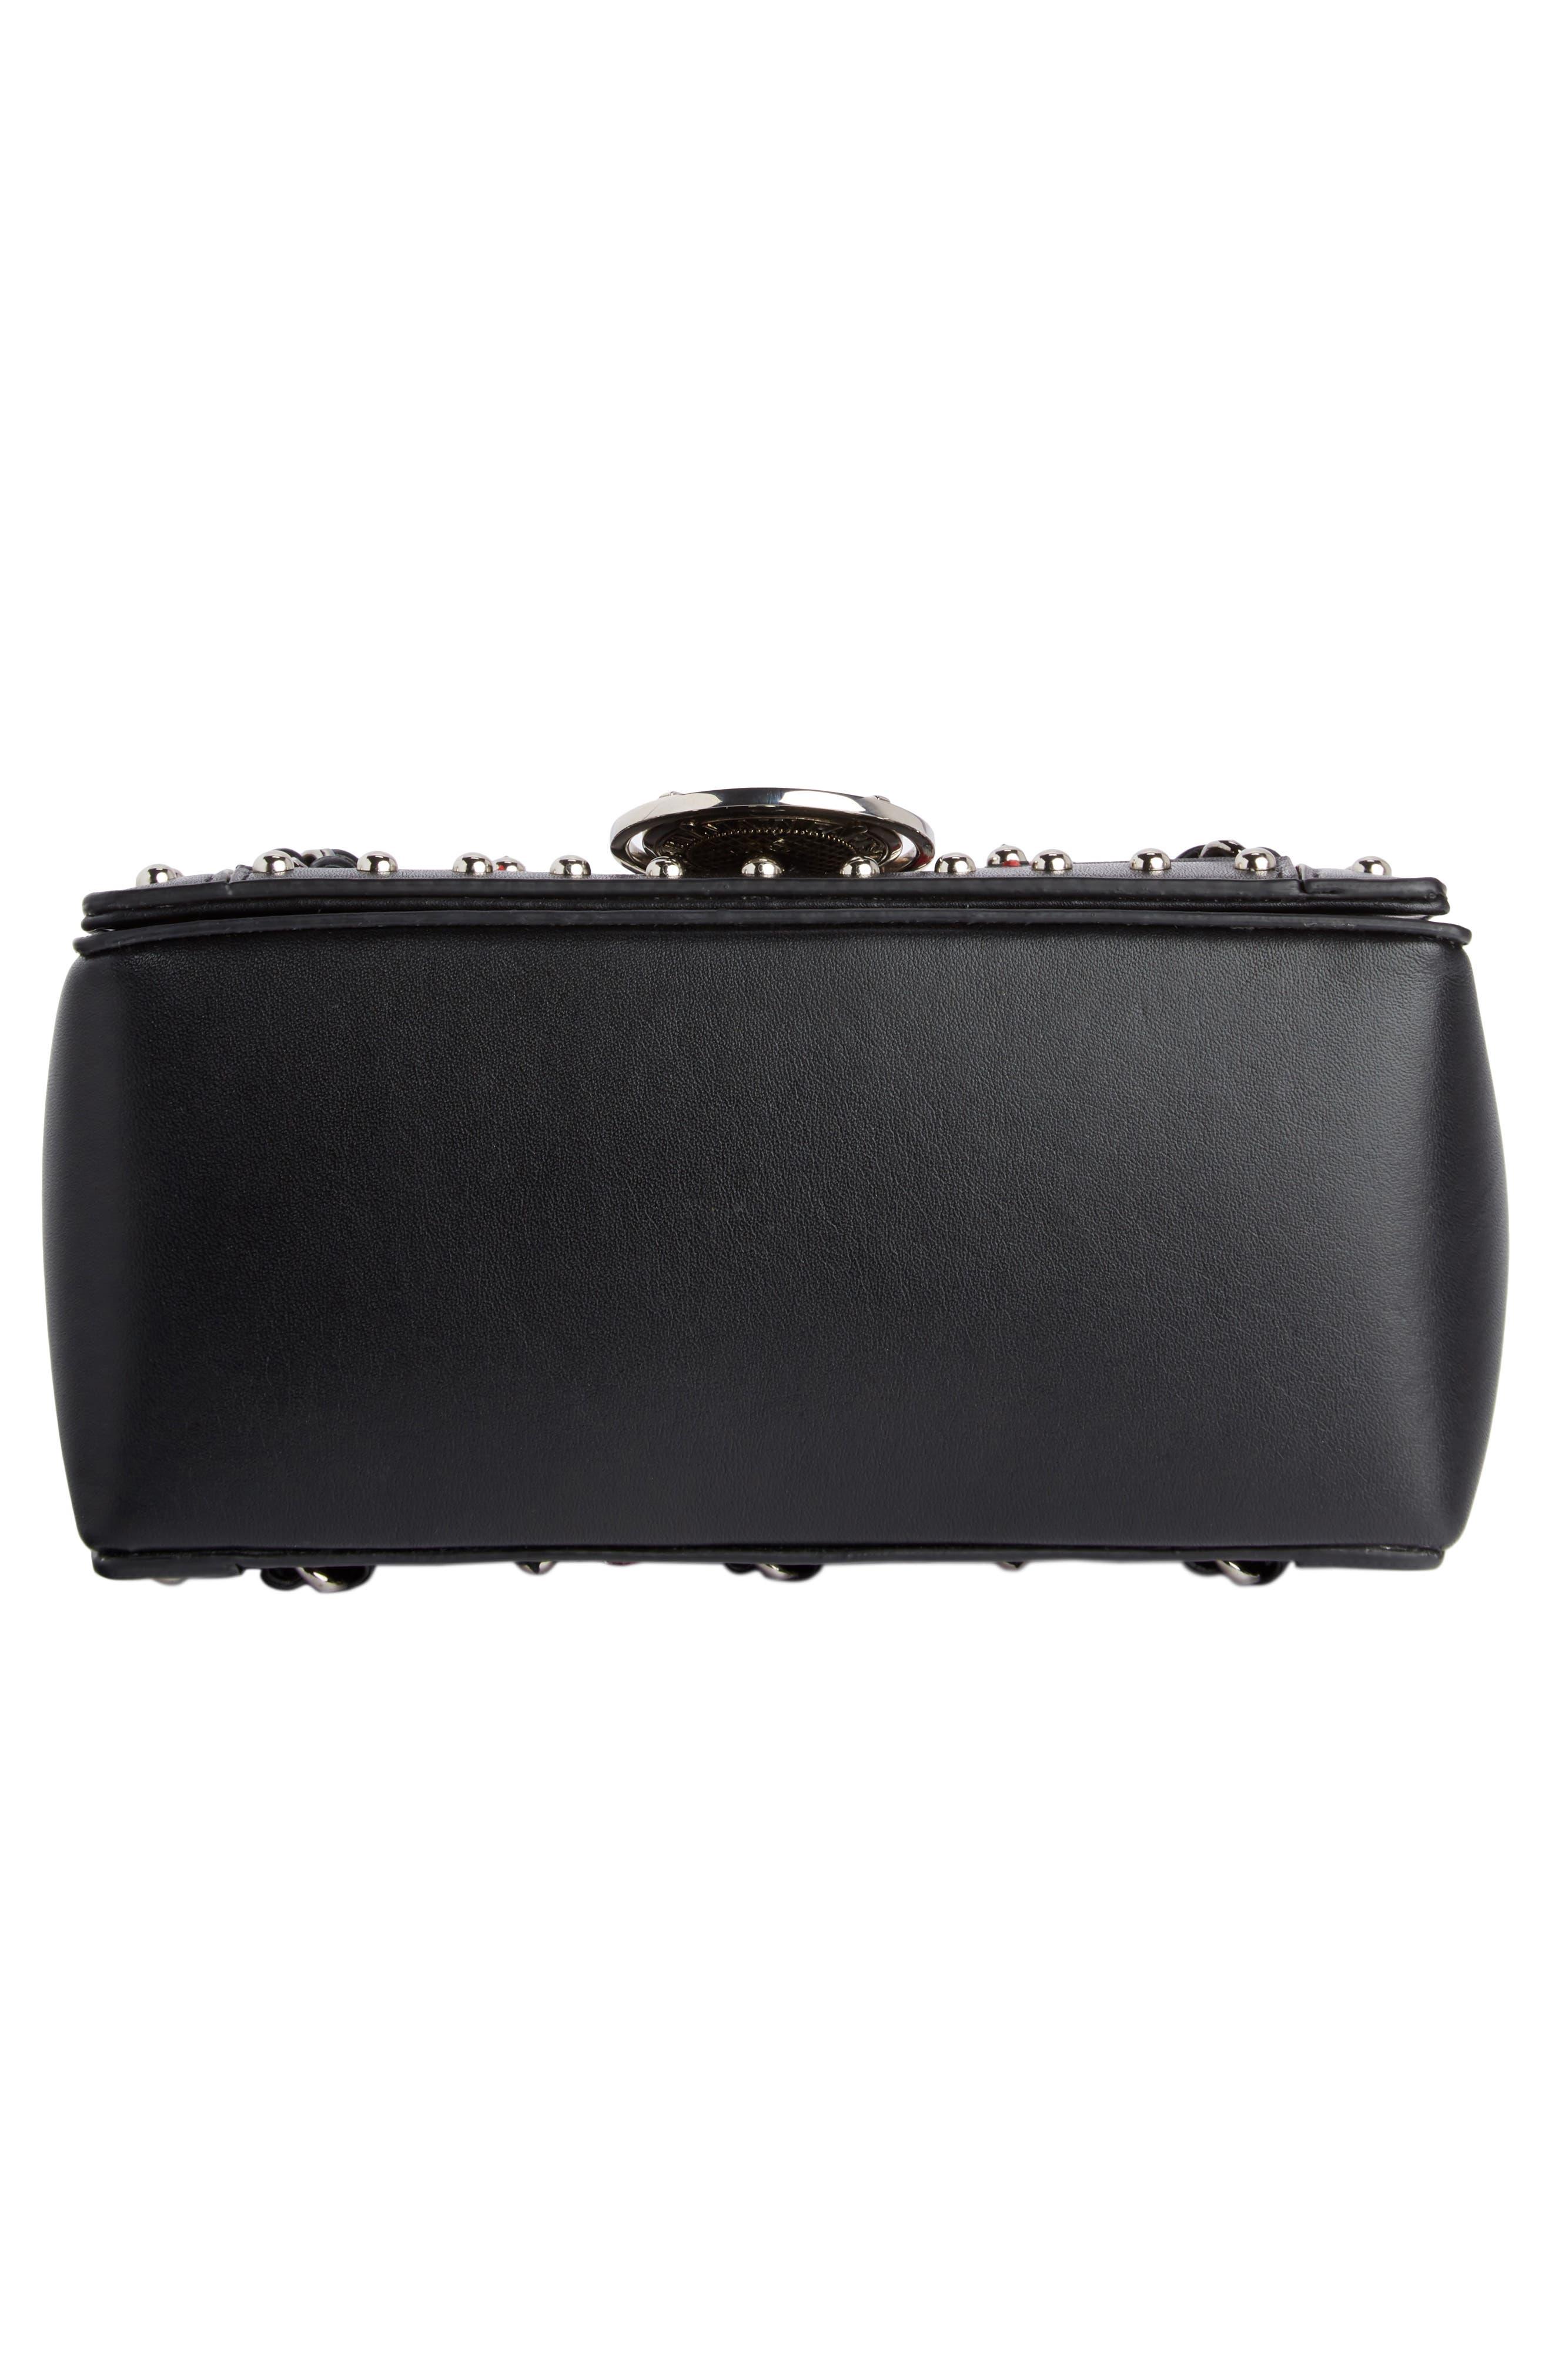 Baby Box Woven Leather Shoulder Bag,                             Alternate thumbnail 5, color,                             Noir/ Rouge/ Blanc